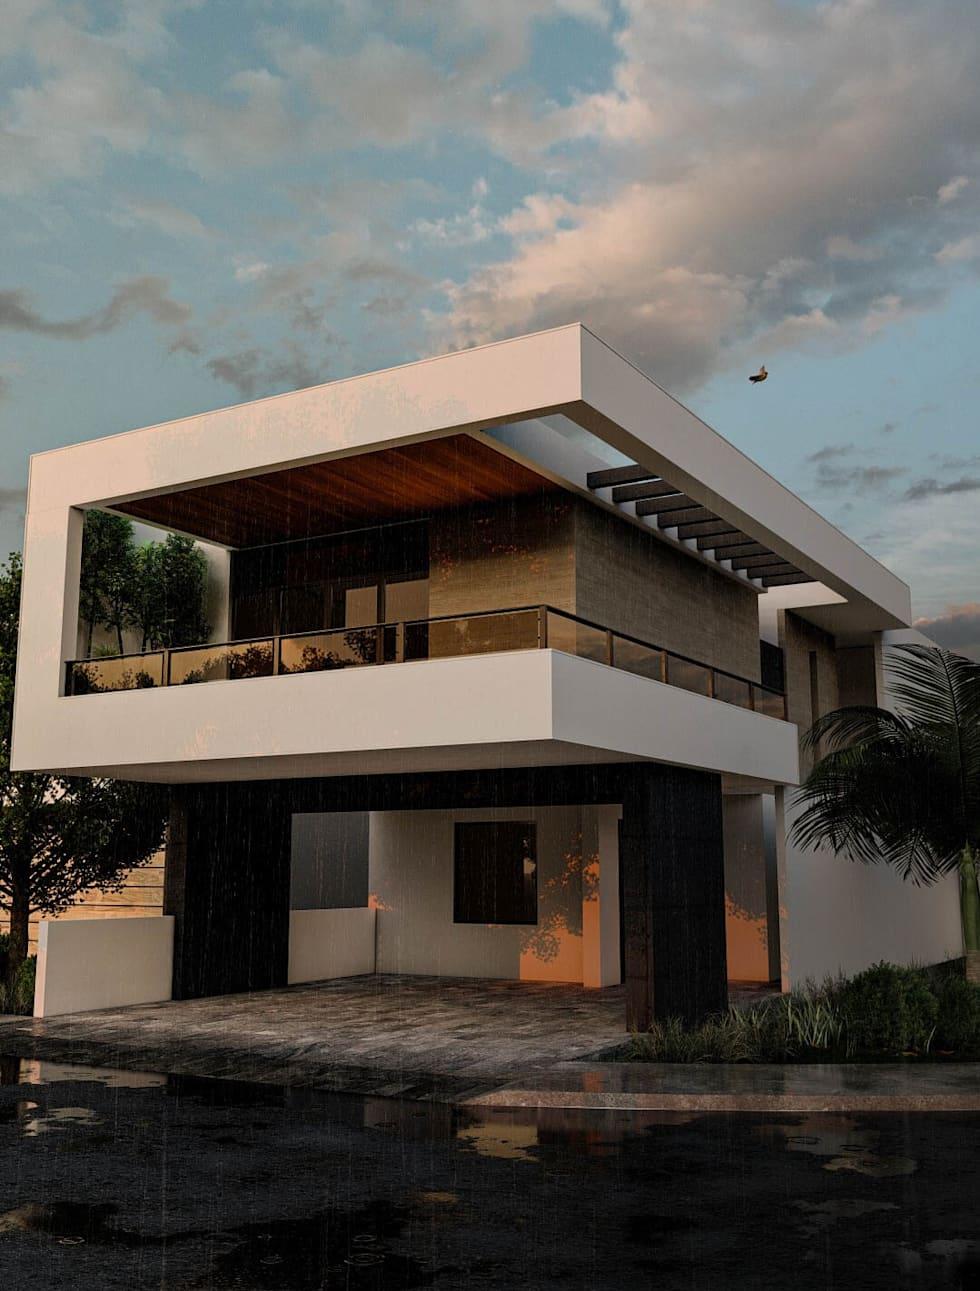 Proyecto para una residencia de estilo moderno contemporáneo fachada